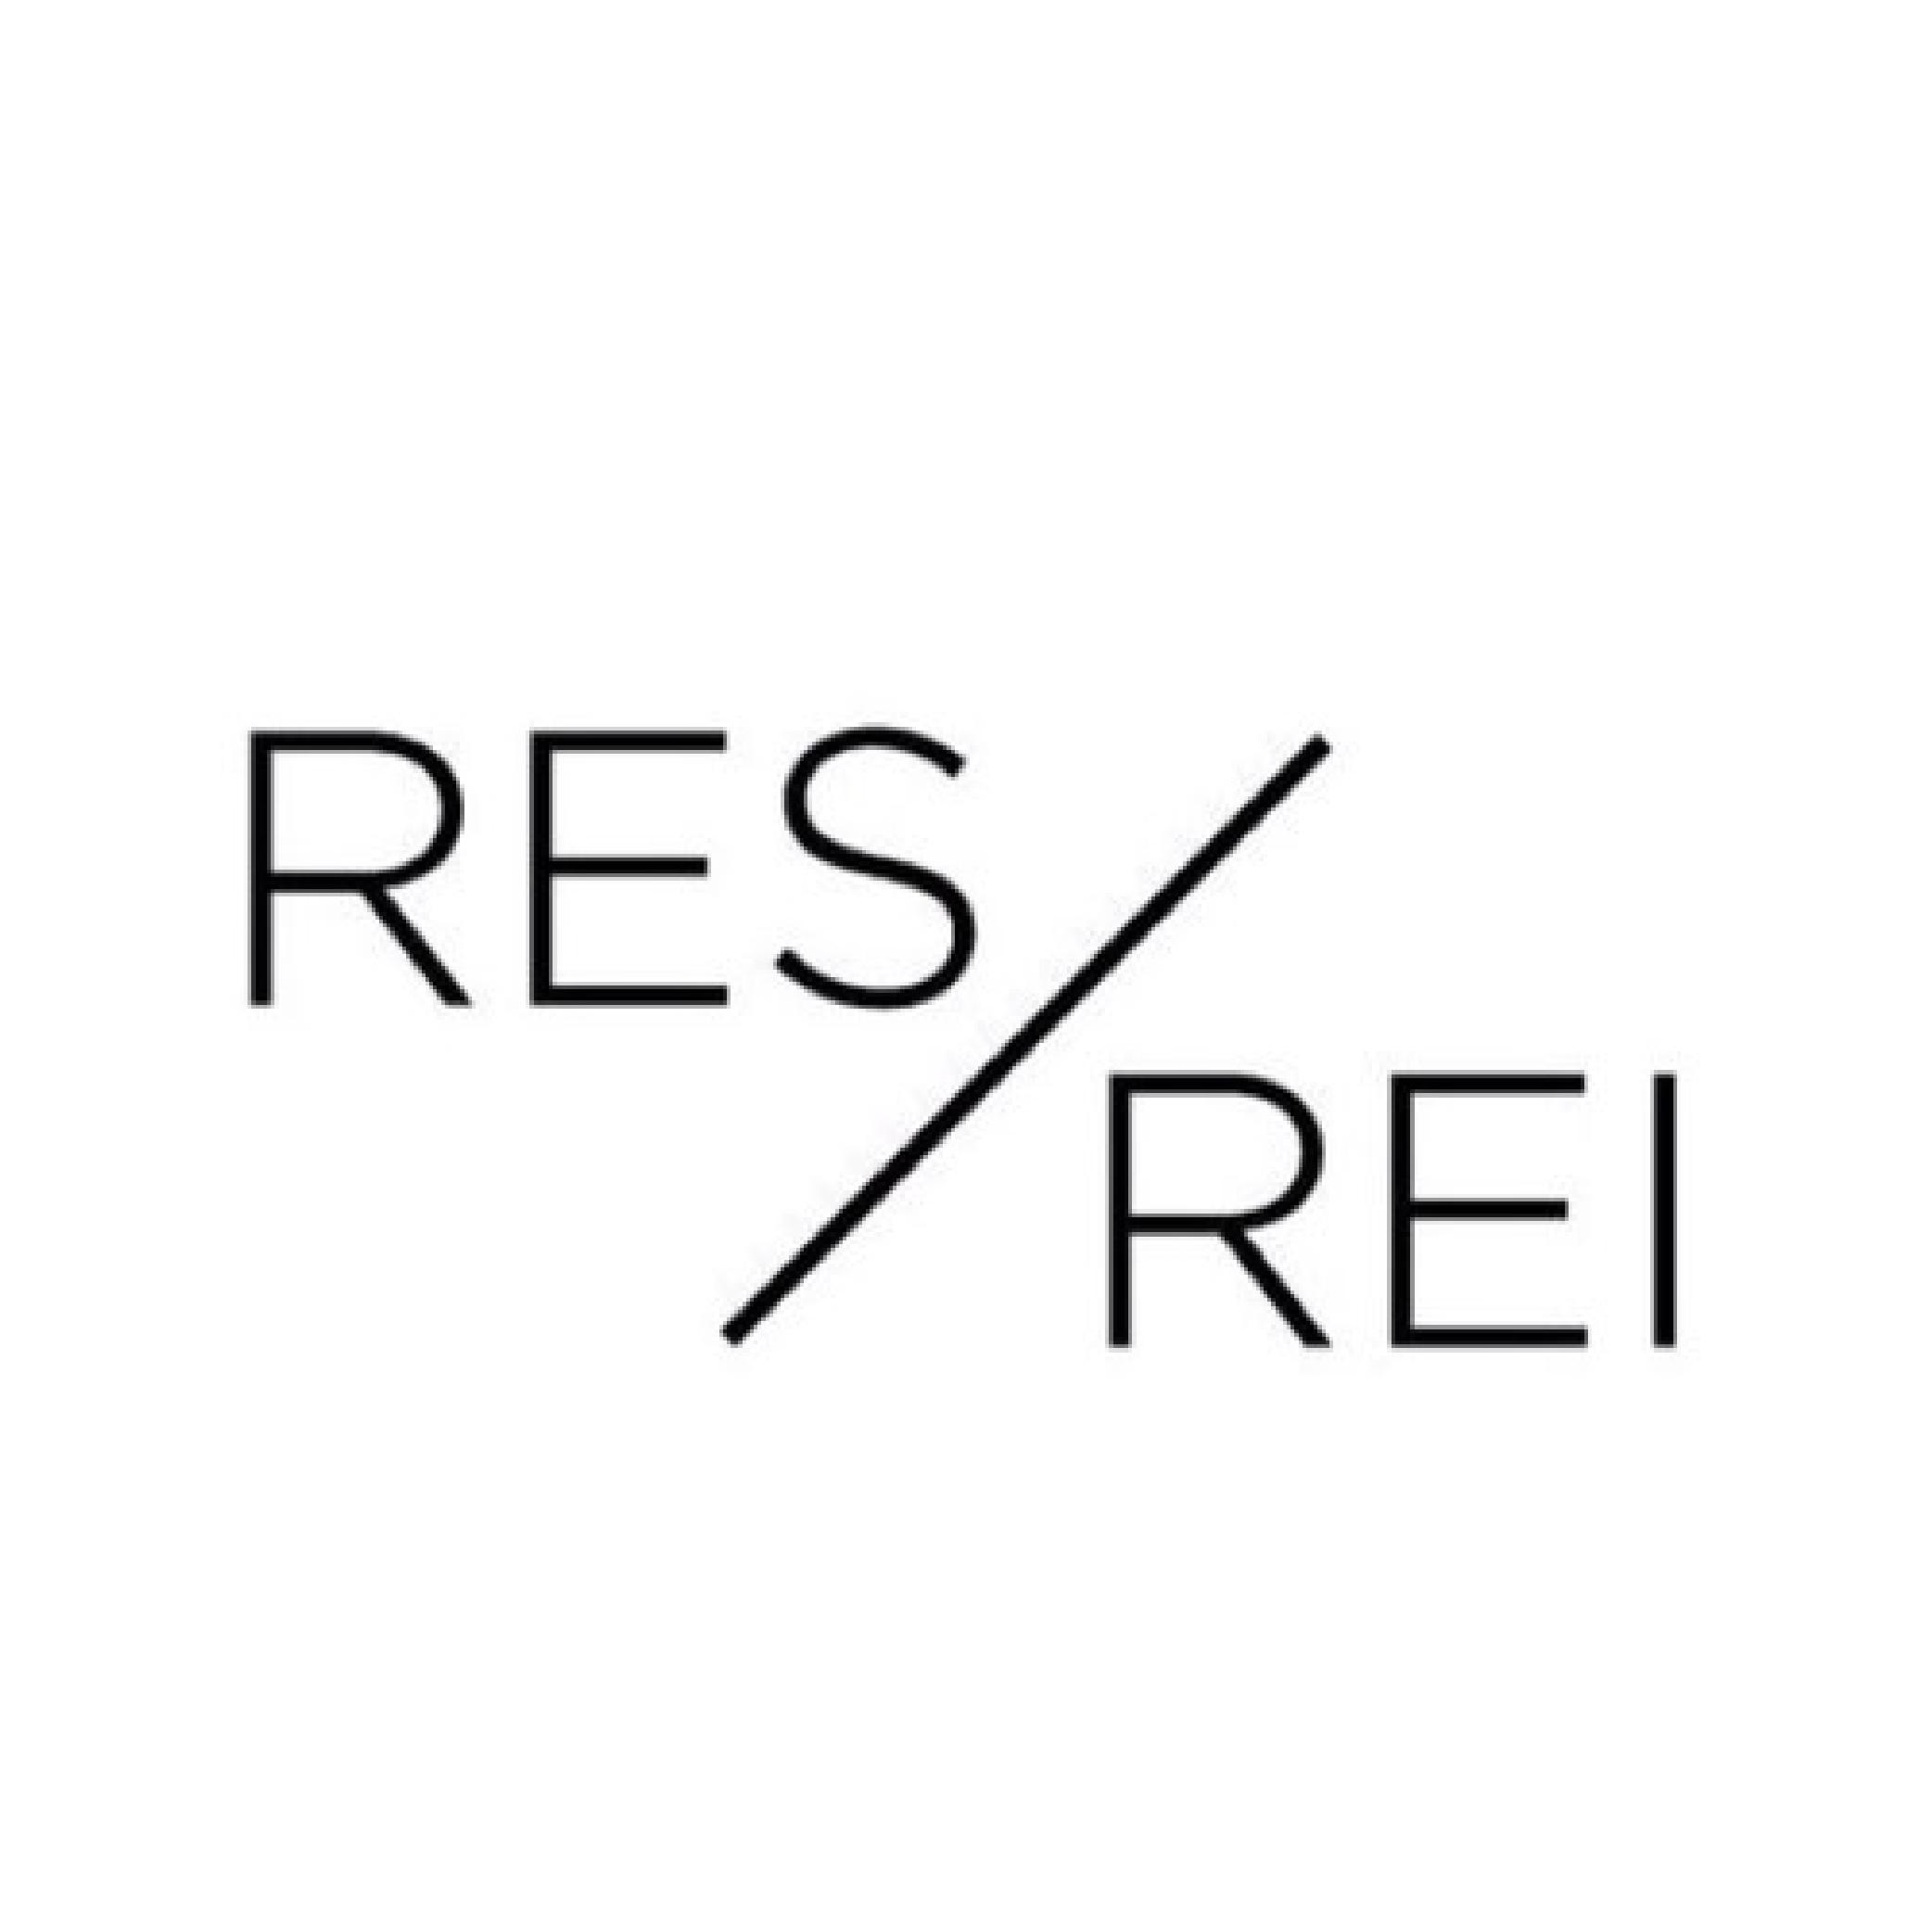 Res/Rai